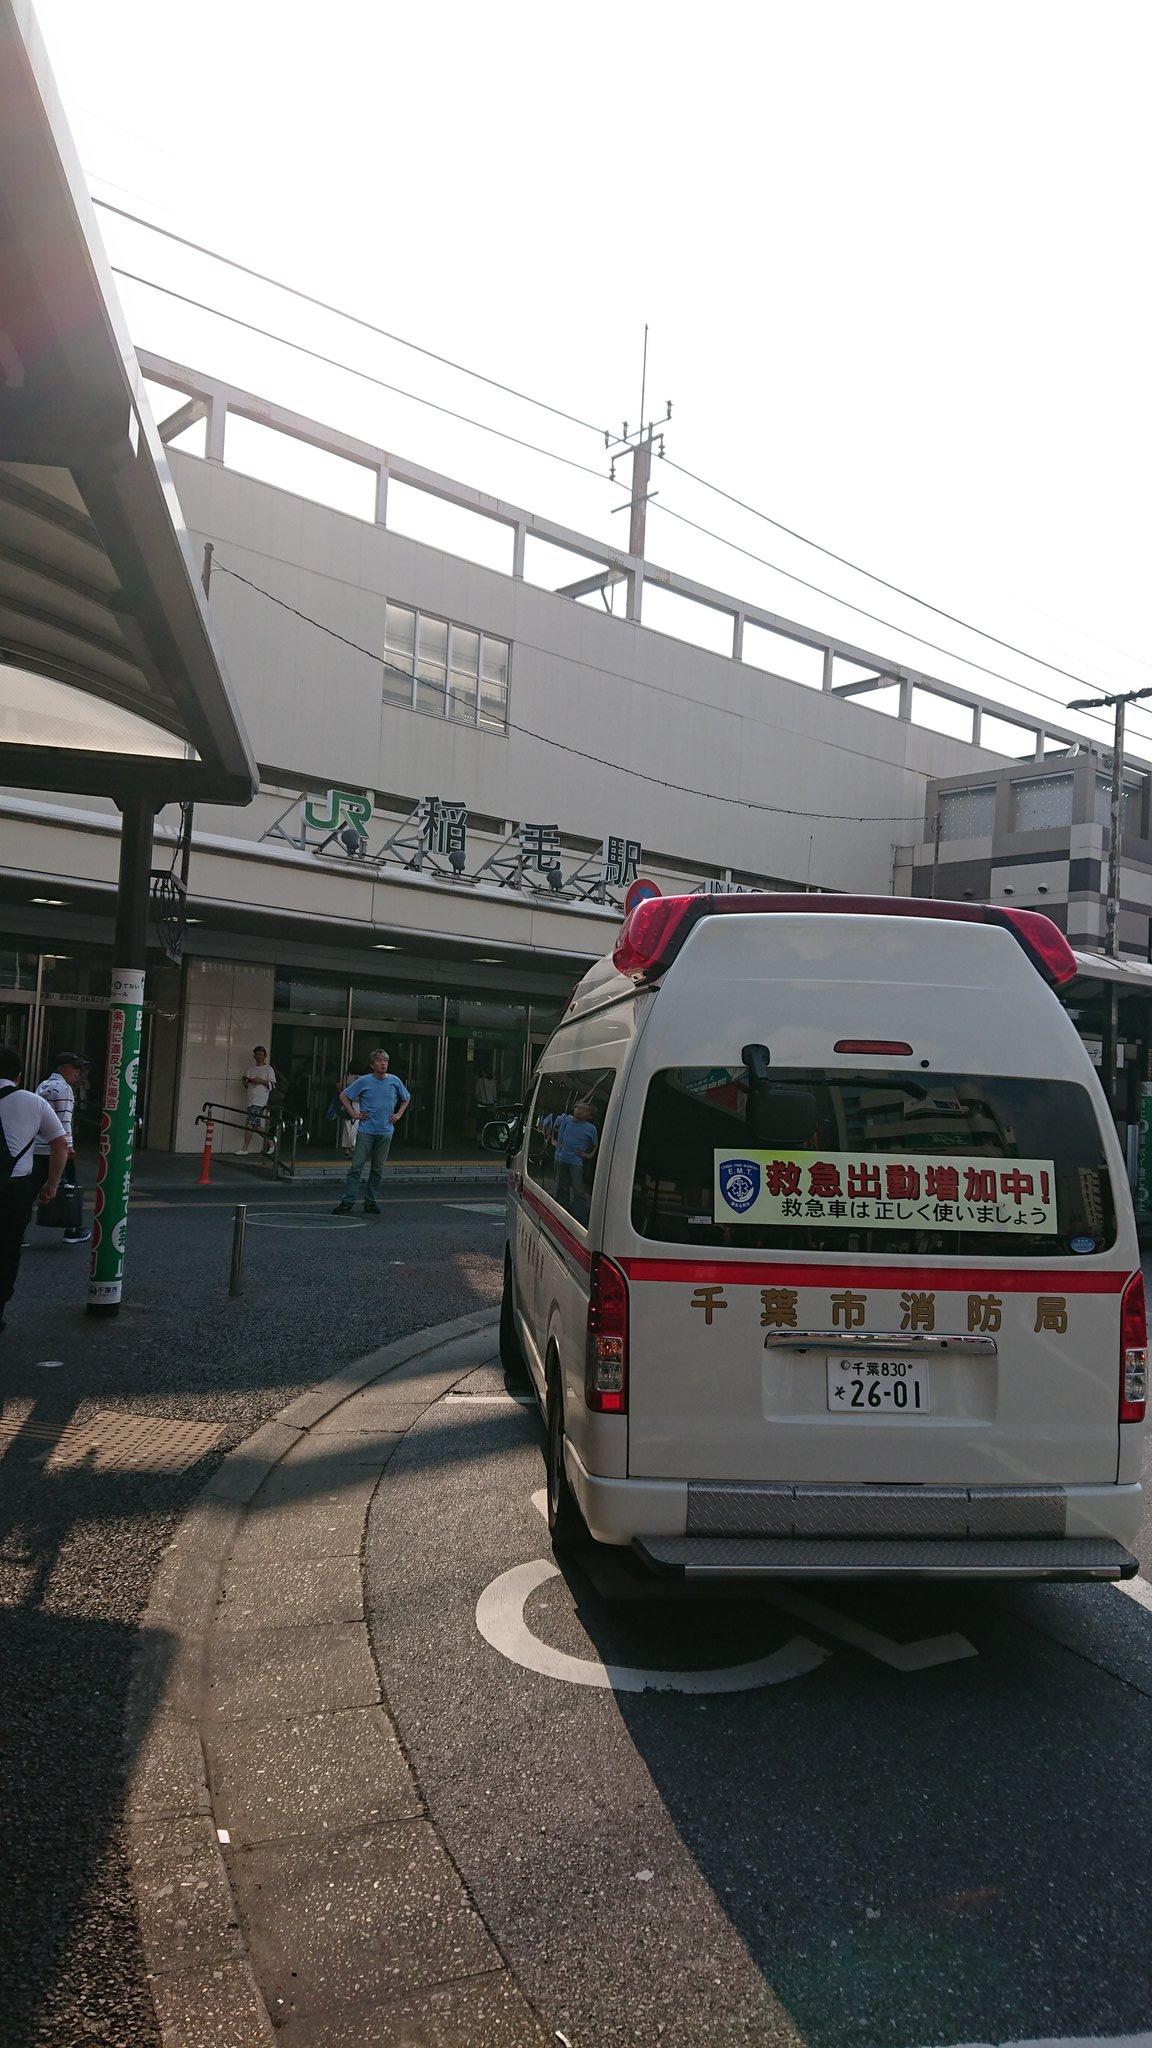 総武快速線の稲毛駅で人身事故が起き救急車が到着している画像